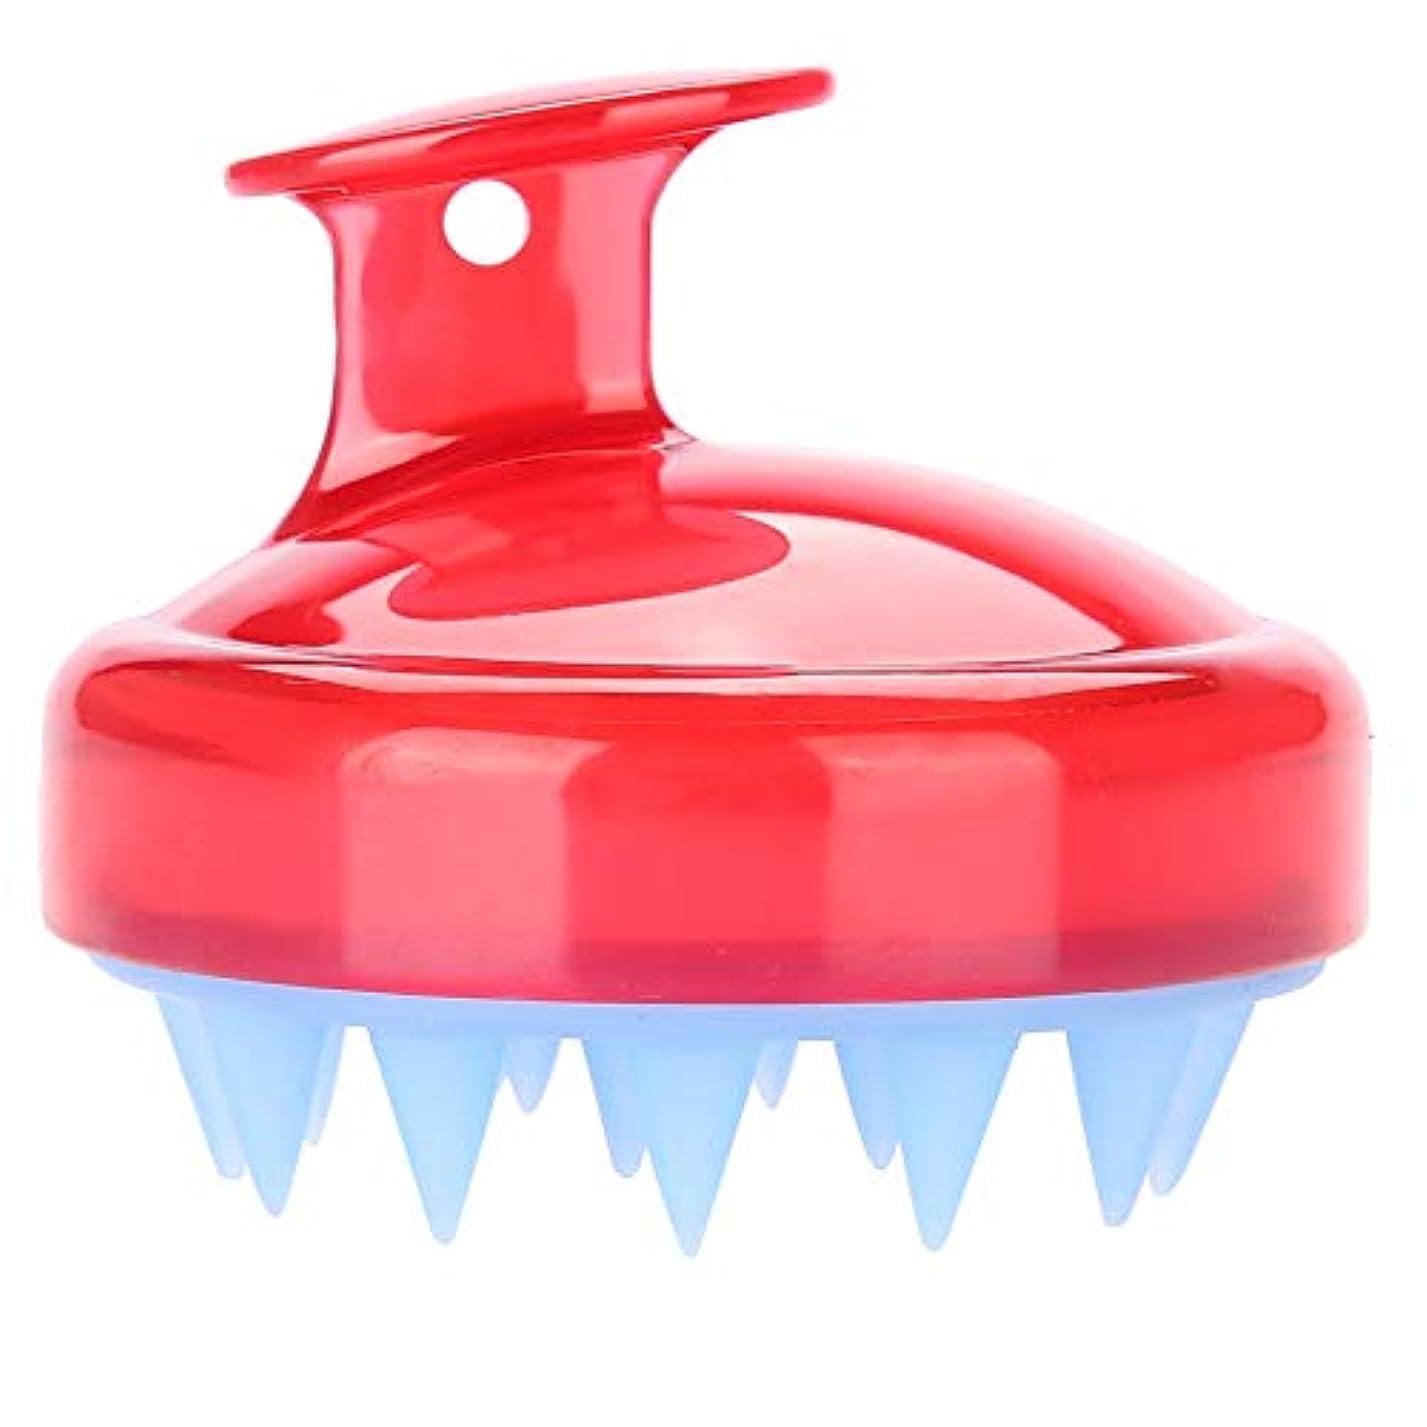 がっかりする識別入学する5色マッサージャーヘッド - スカルプマッサージャー、マッサージャーブラシヘッドシャンプー - ボディ洗浄マッサージャーのためのシャワーブラシ(赤)